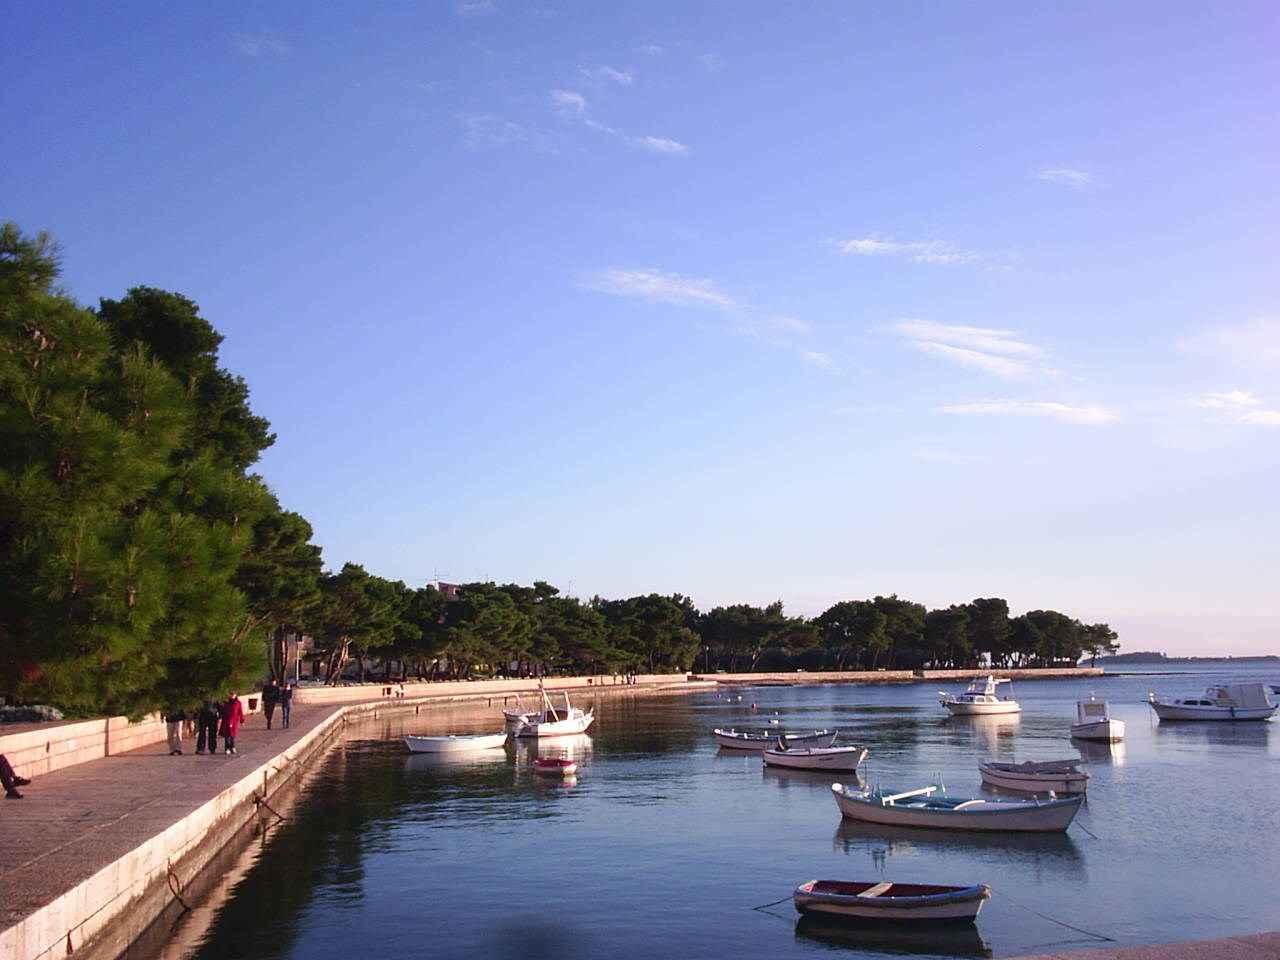 Ferienwohnung in ruhiger Lage mit Blick auf den Brioni Nationalpark (279773), Fažana, , Istrien, Kroatien, Bild 9